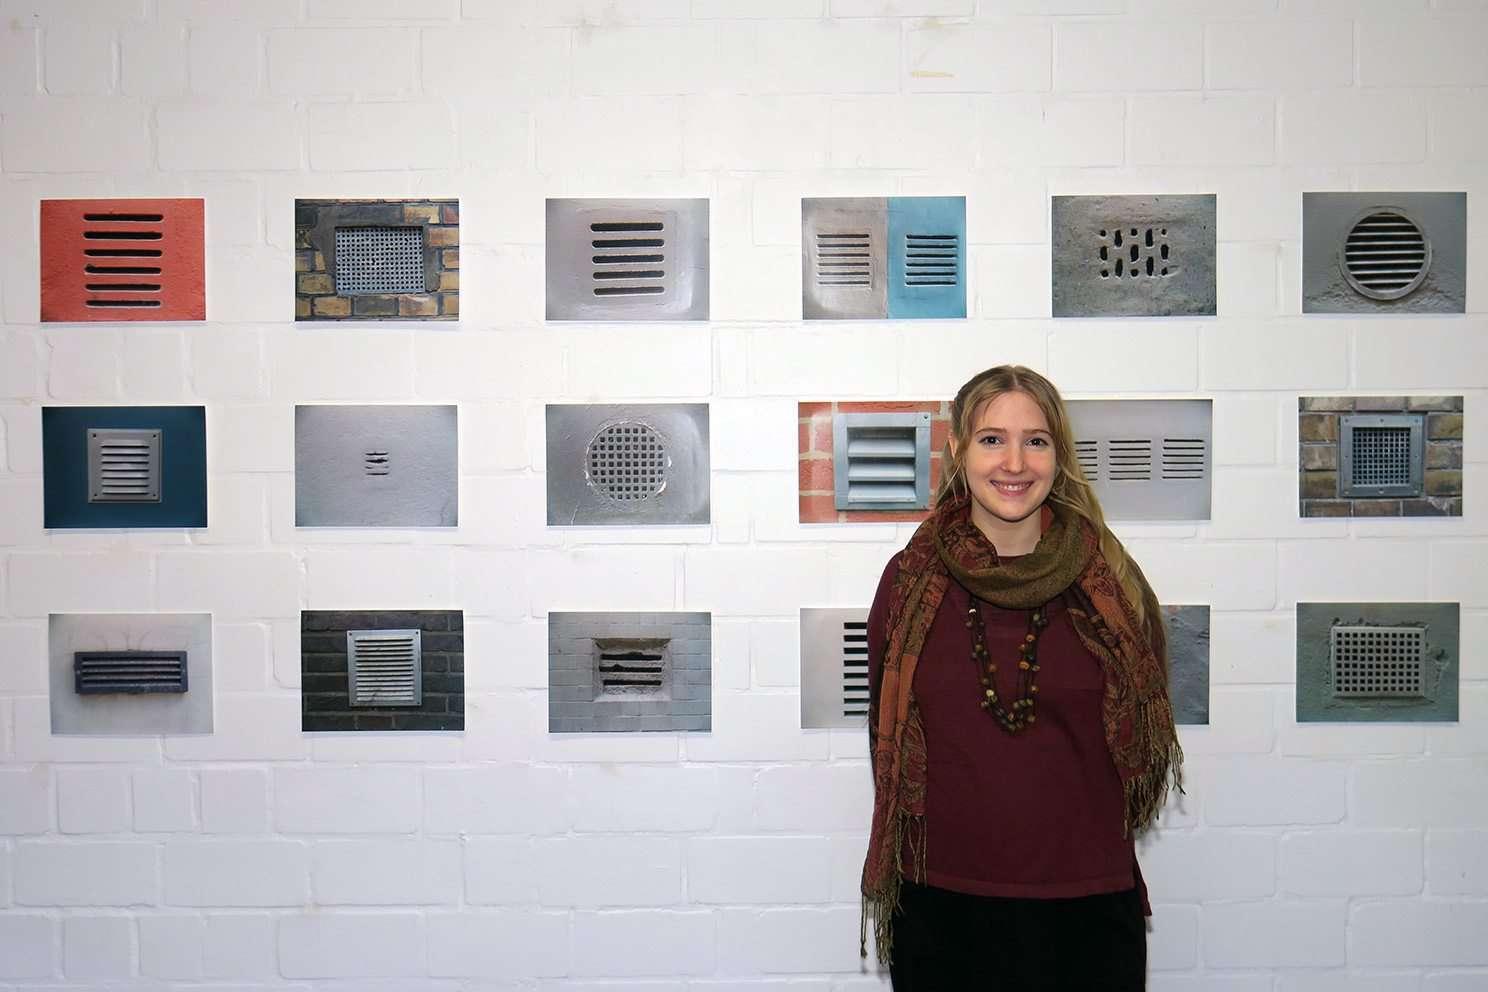 Sophie Reinecke organisierte vor ihrem Mutterschaftsurlaub die letzte studentische Ausstellung und zeigte auch eigene Werke. Fotos: Elke Keppler-Rosenau